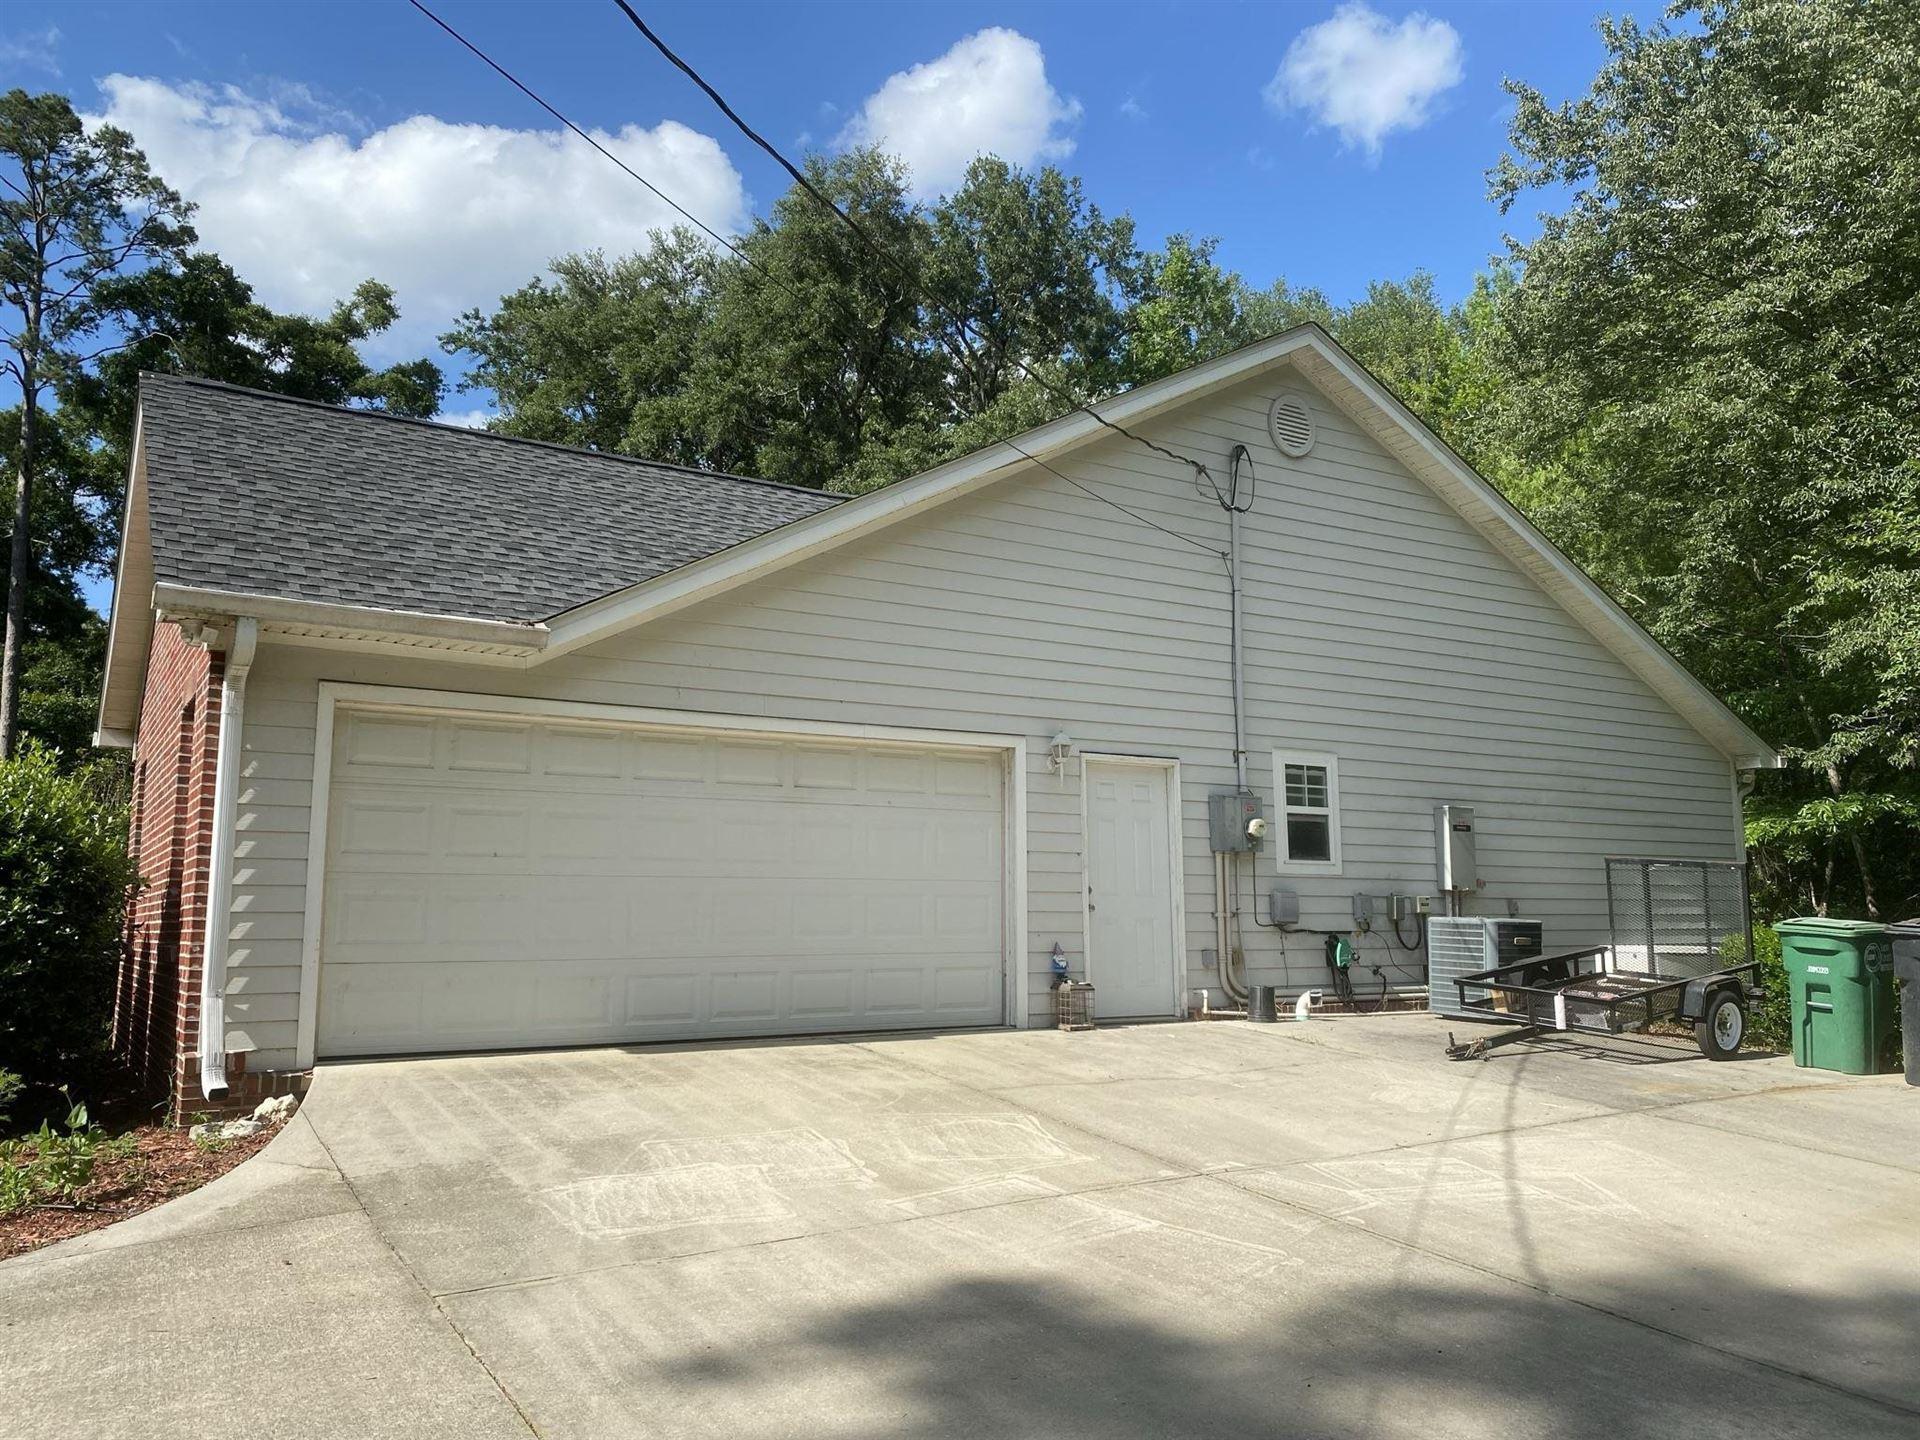 Photo of 523 Rutledge Road, TALLAHASSEE, FL 32317 (MLS # 336991)